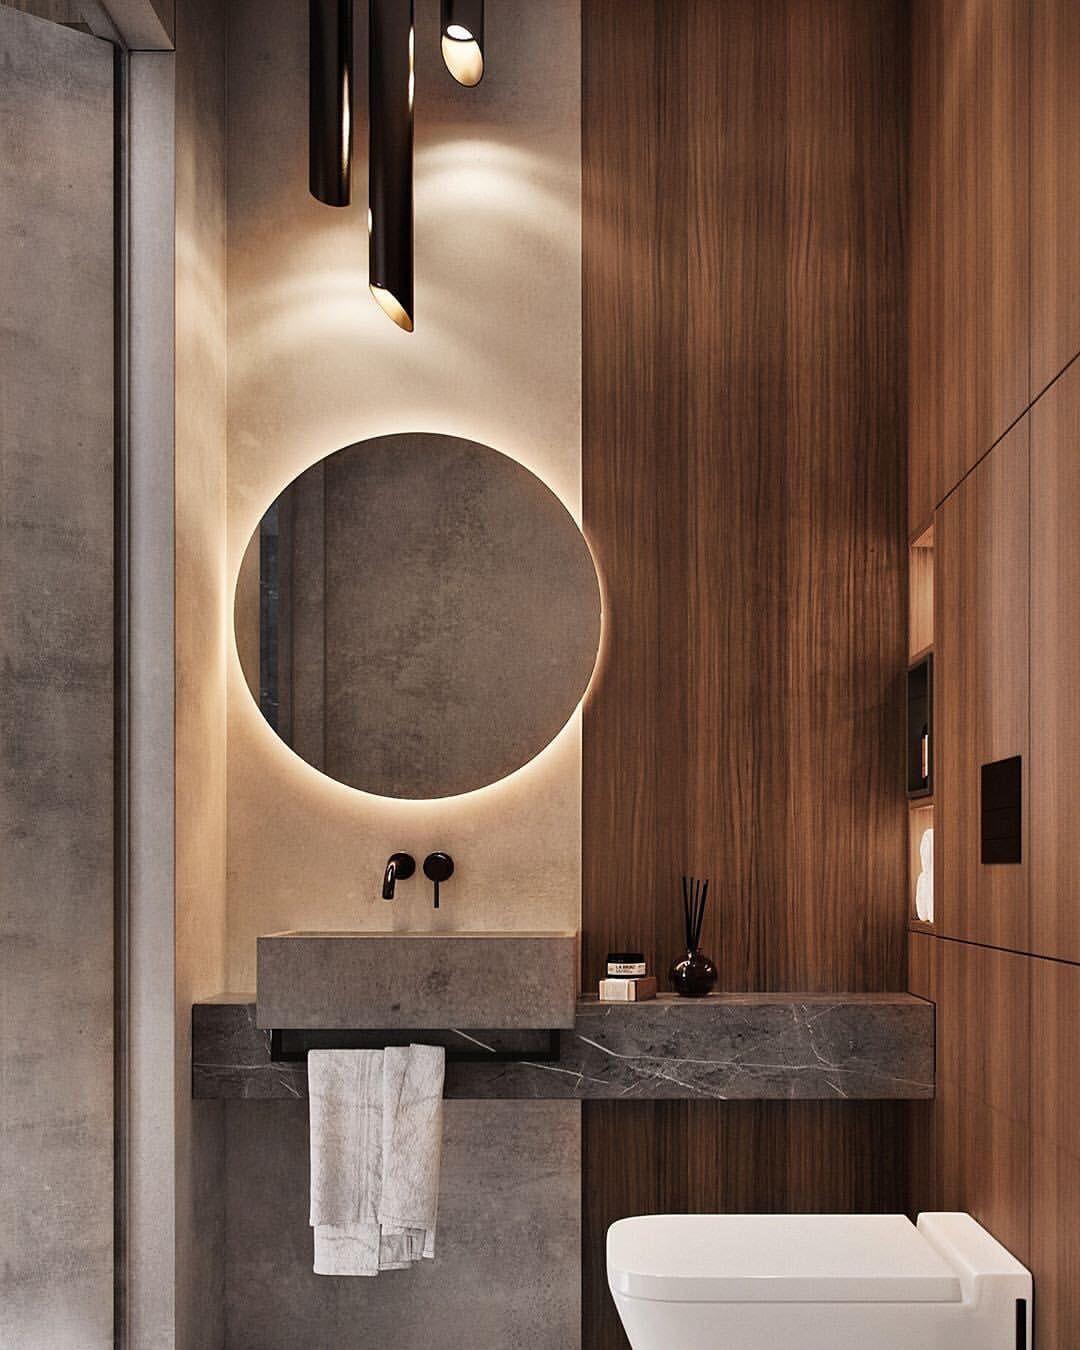 Minimalist Modern Guest Bathroom Designed By Ato Studio In Moscow Russia Ato Ato Ba Wc Design Badezimmer Innenausstattung Moderne Badezimmerideen